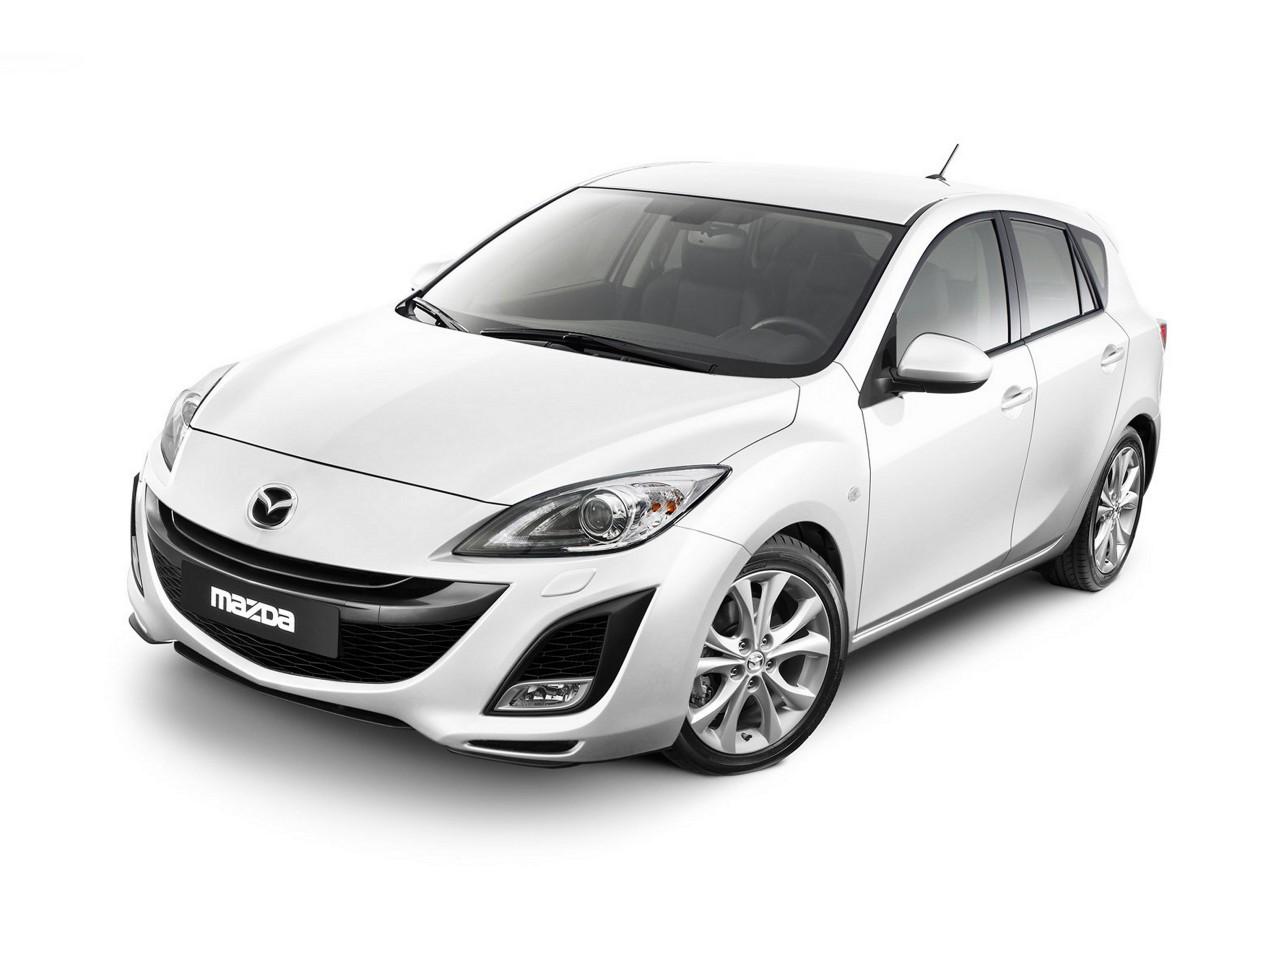 2010 Mazda 3 i-stop | Motor Desktop